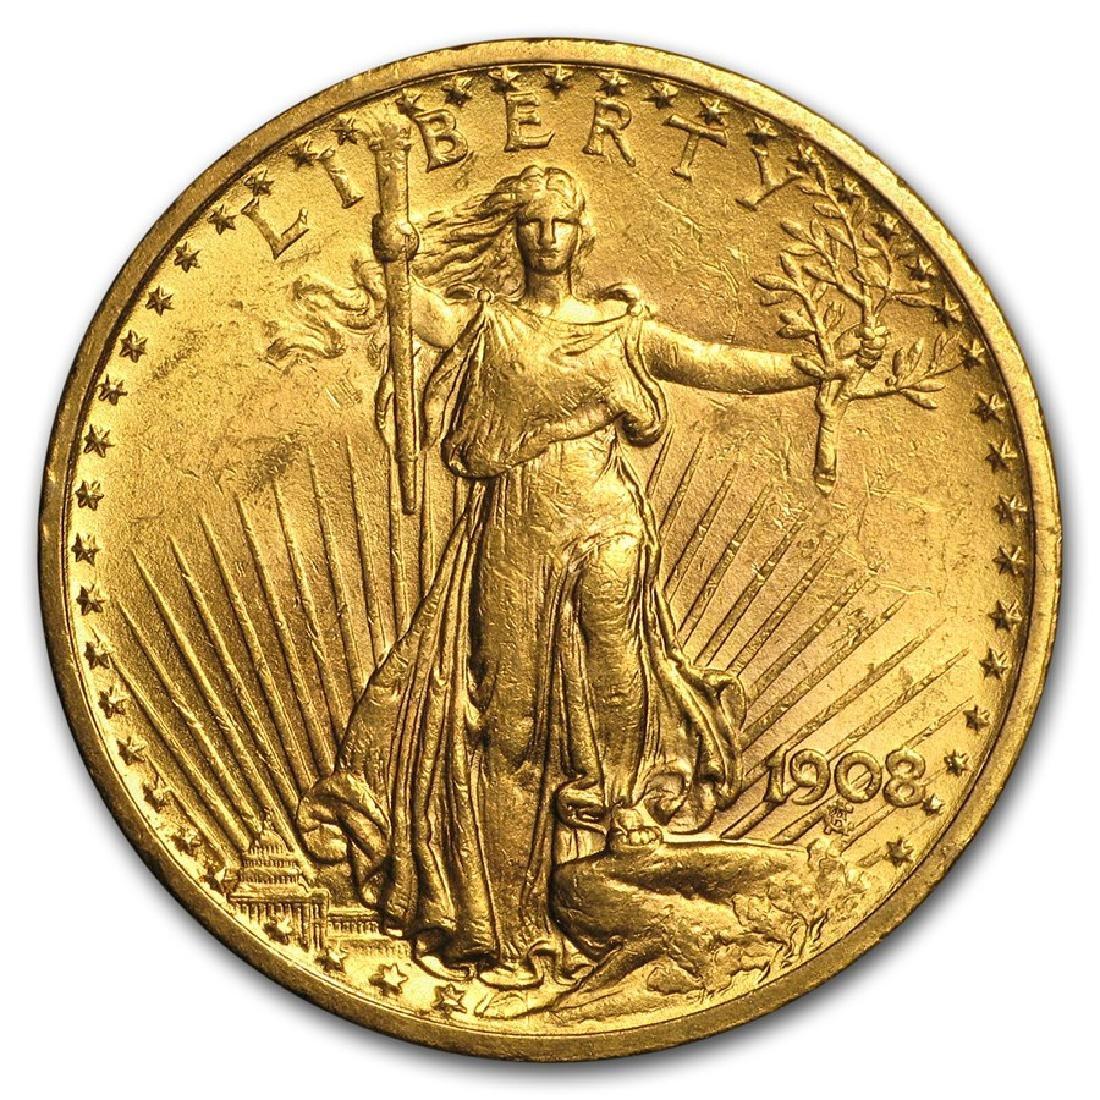 1908 $20 Saint Gaudens Double Eagle Gold Coin No Motto